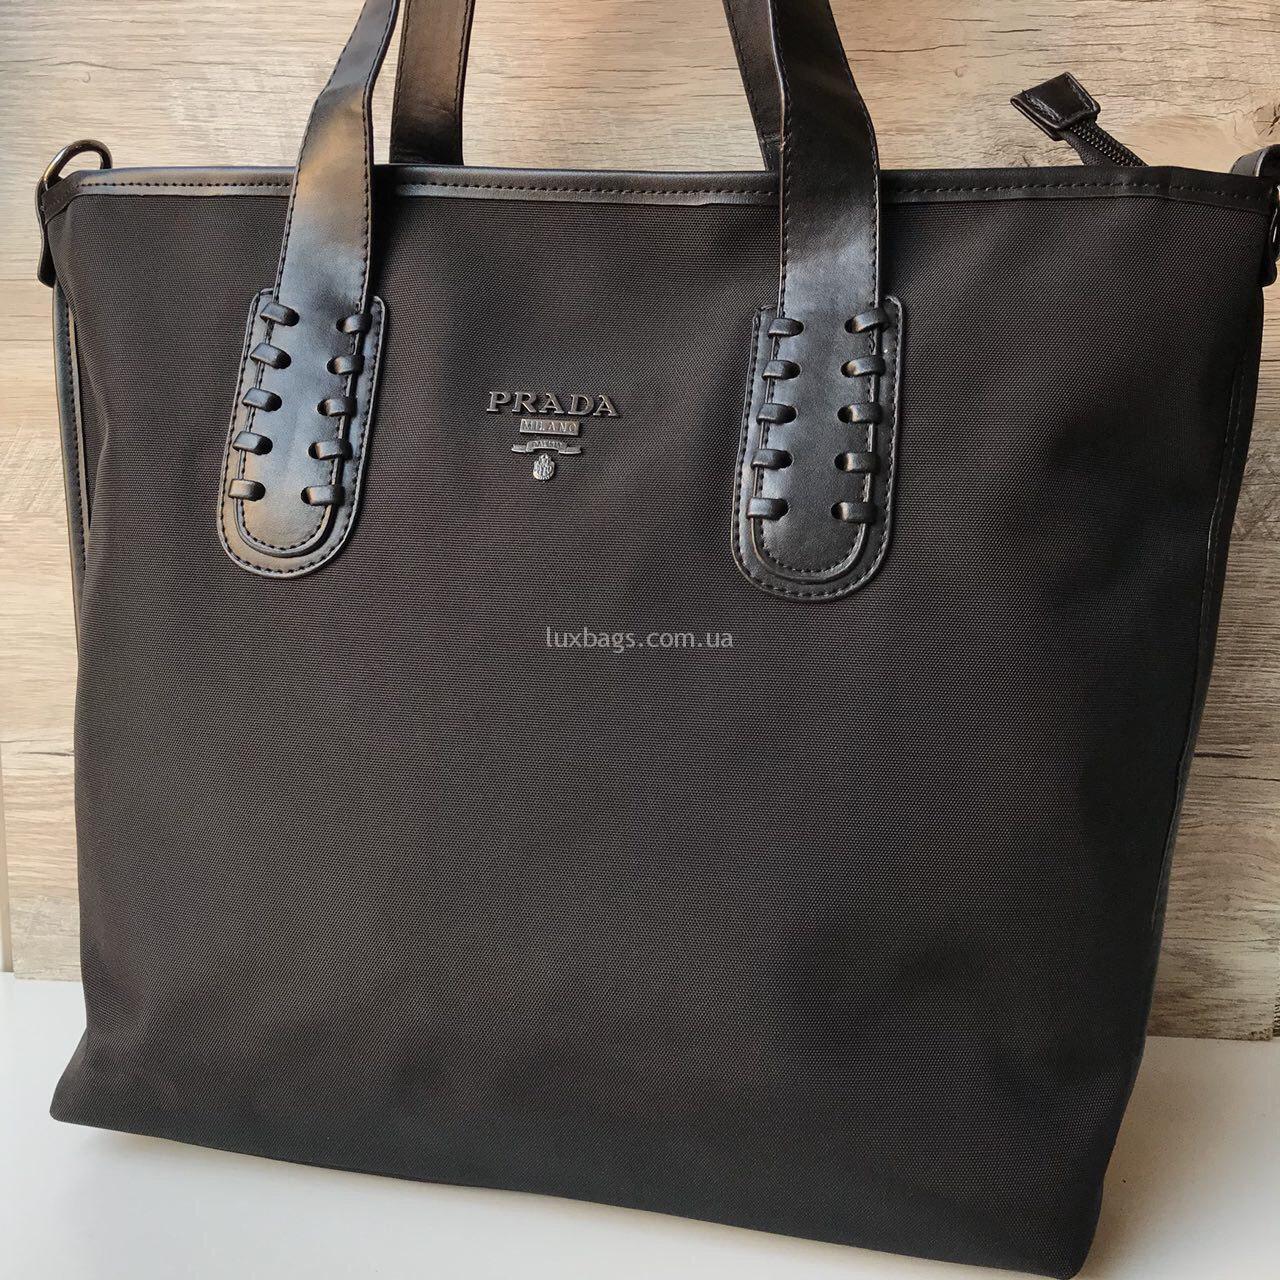 Купить Женская Сумка Прада Prada плащевка   lux-bags dd95a9ef8f6